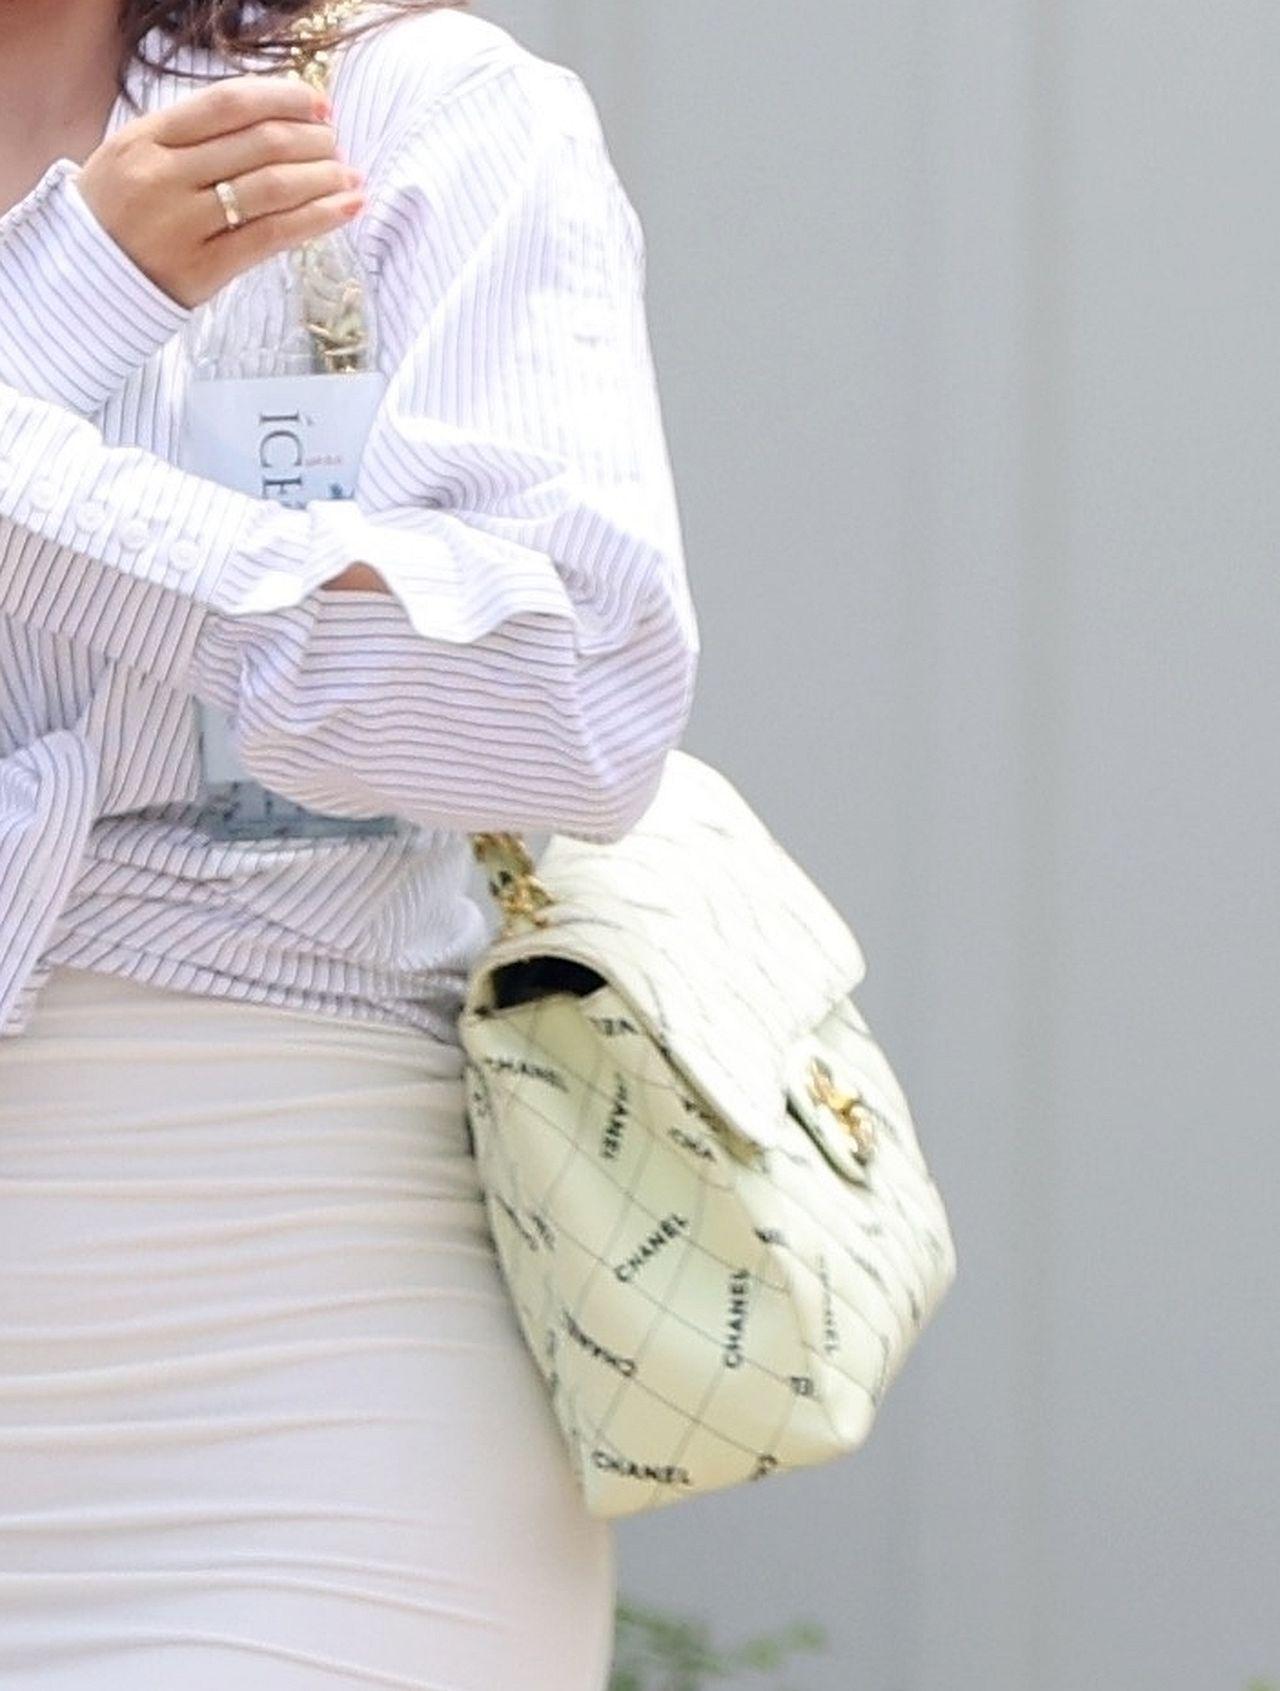 Kylie Jenner z torebką Chanel